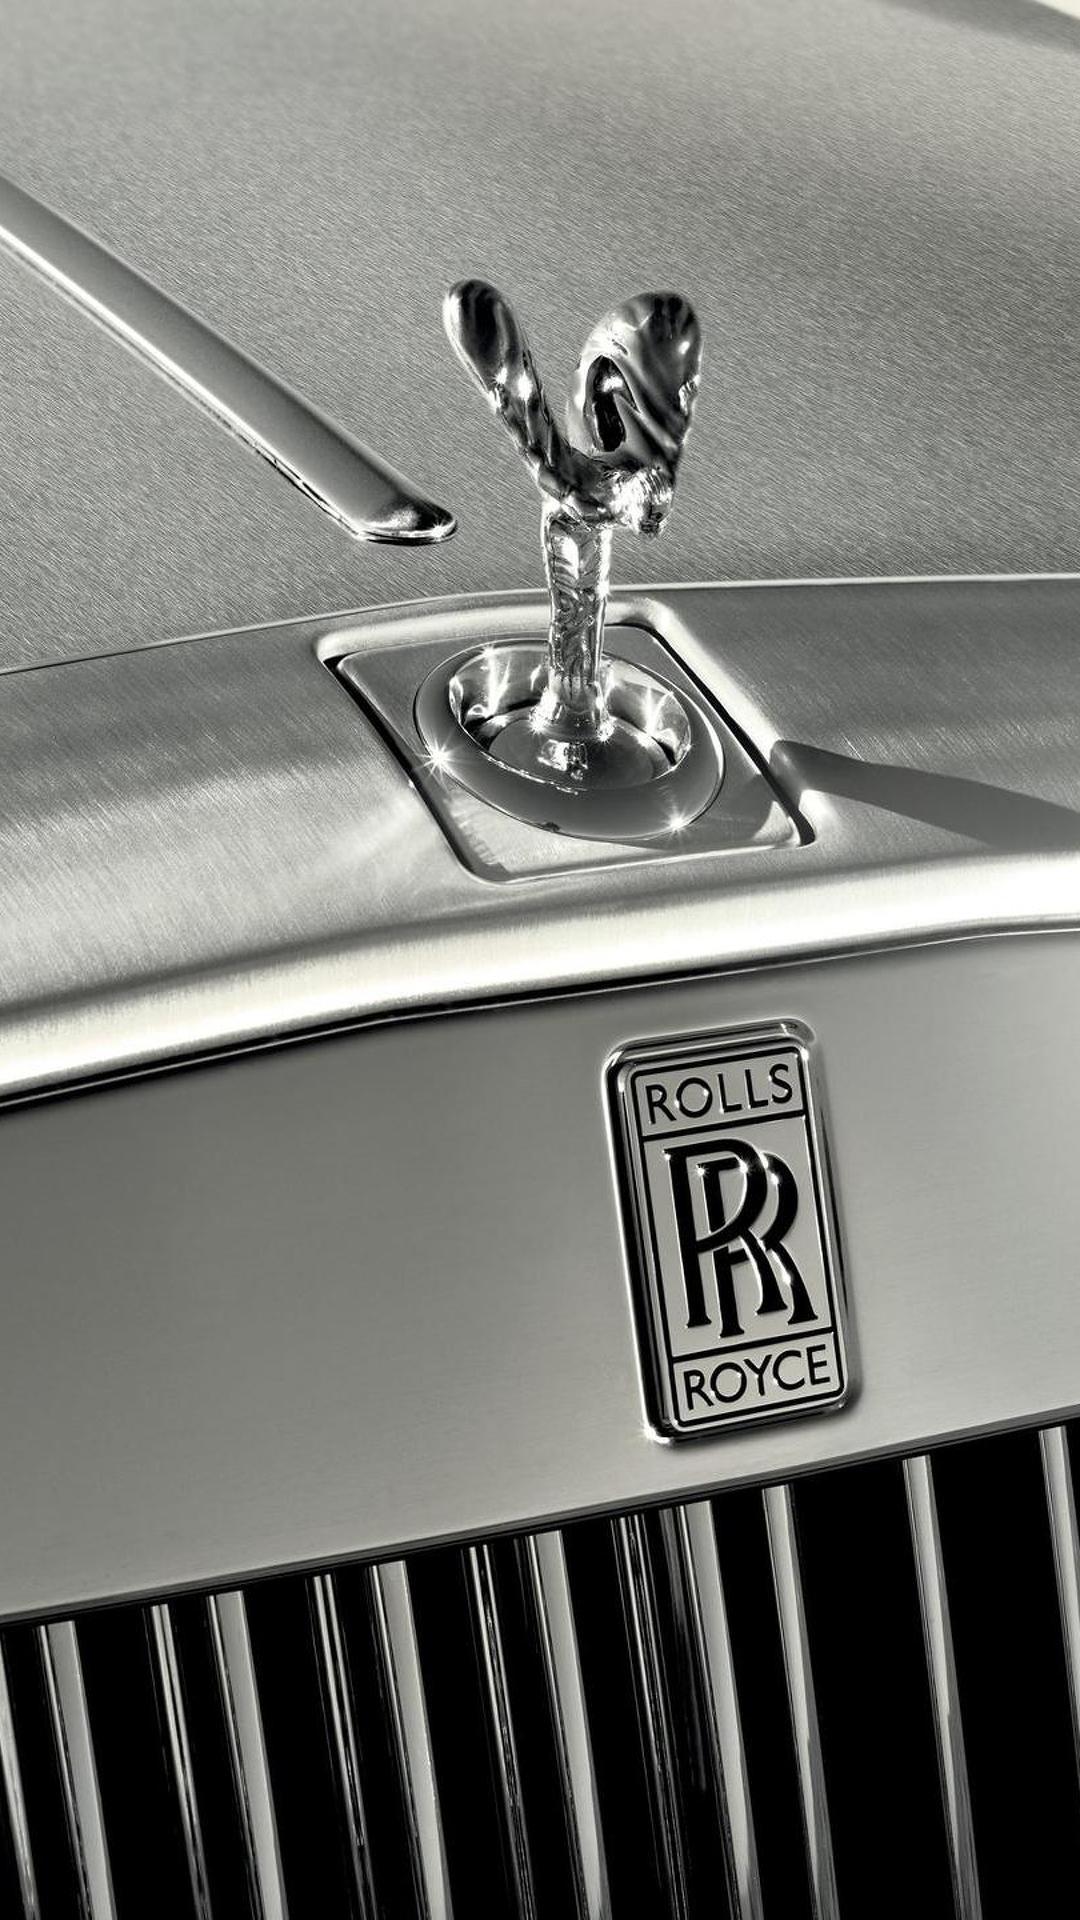 rolls royce logo - HD1080×1920